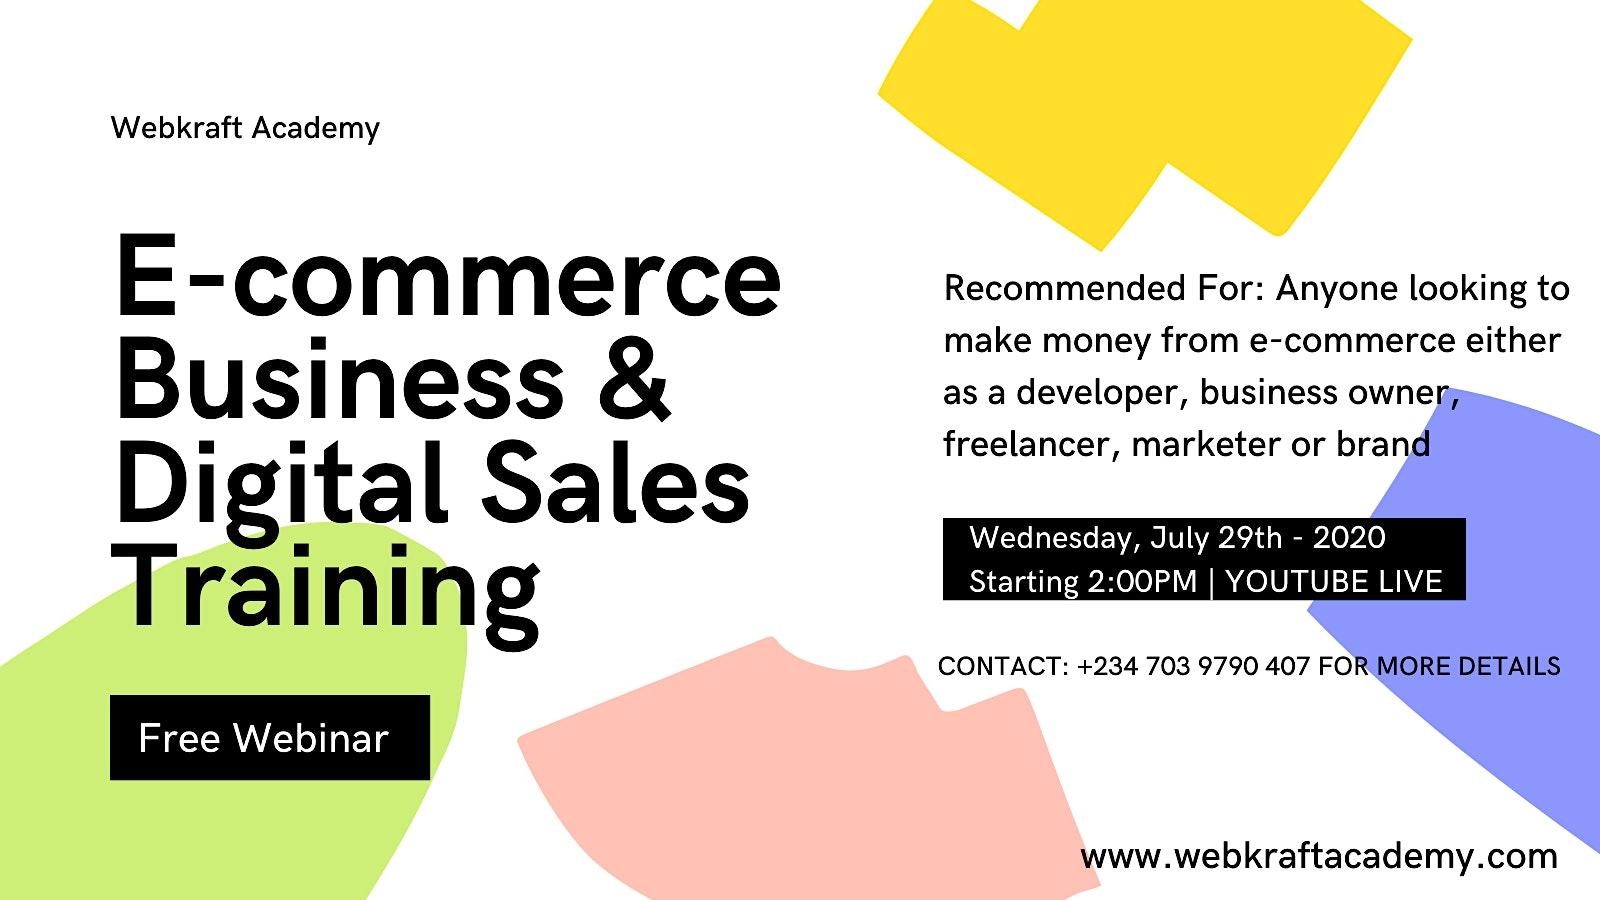 FREE E-commerce Business & Digital Sales Webinar Training For Entrepreneurs